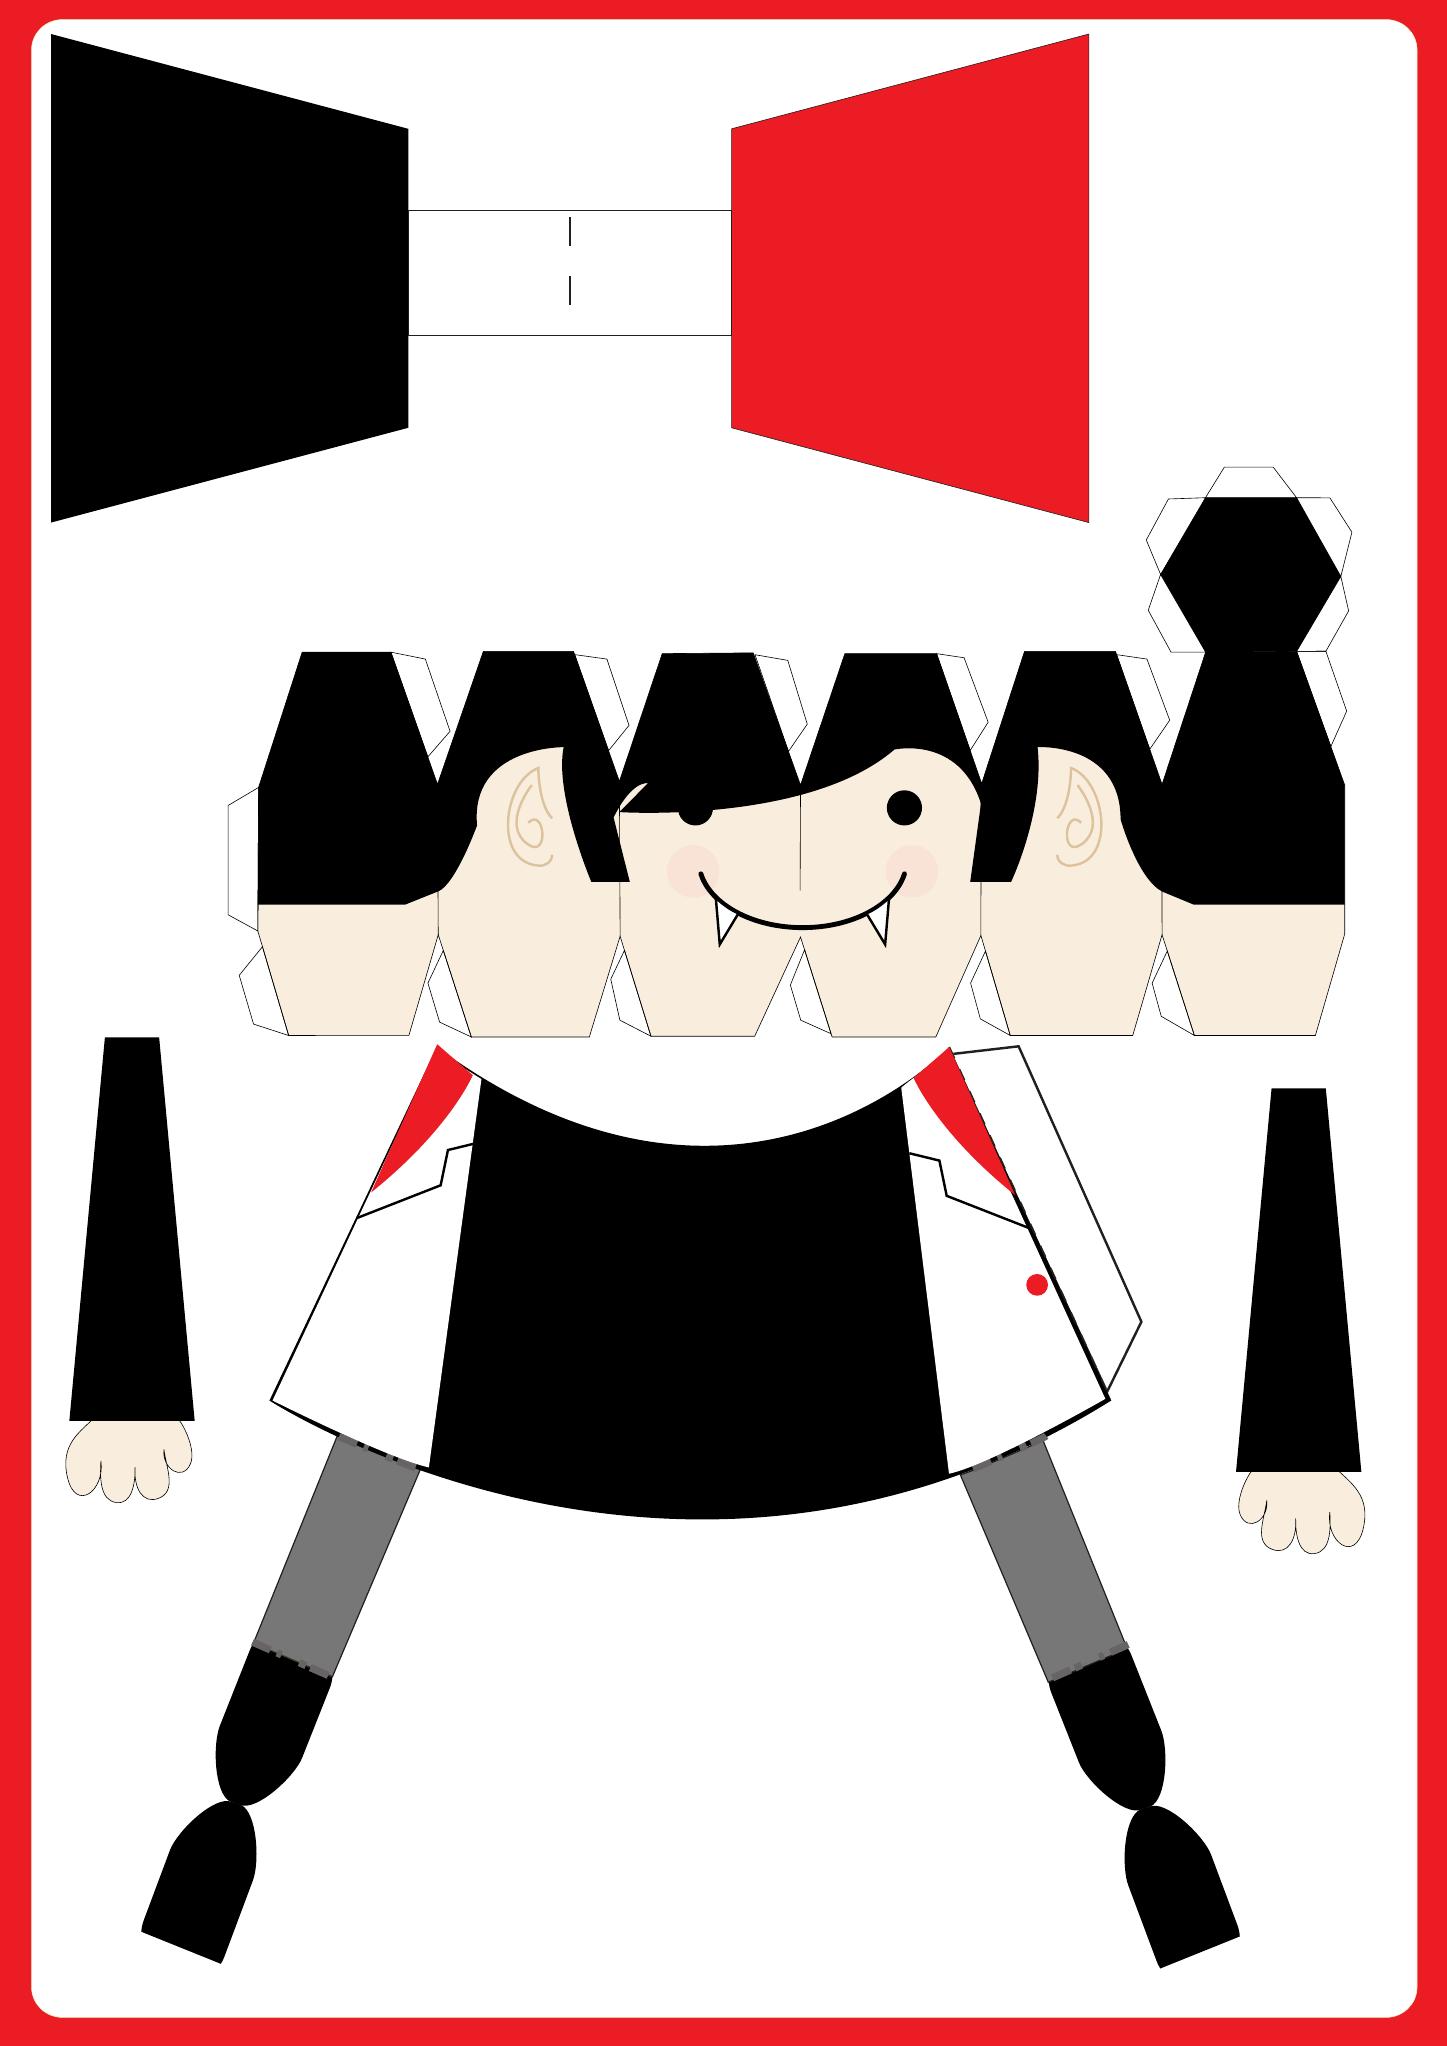 Un papertoy vampire à réaliser pour sa déco d'Halloween | Photo : www.paper-toy.fr